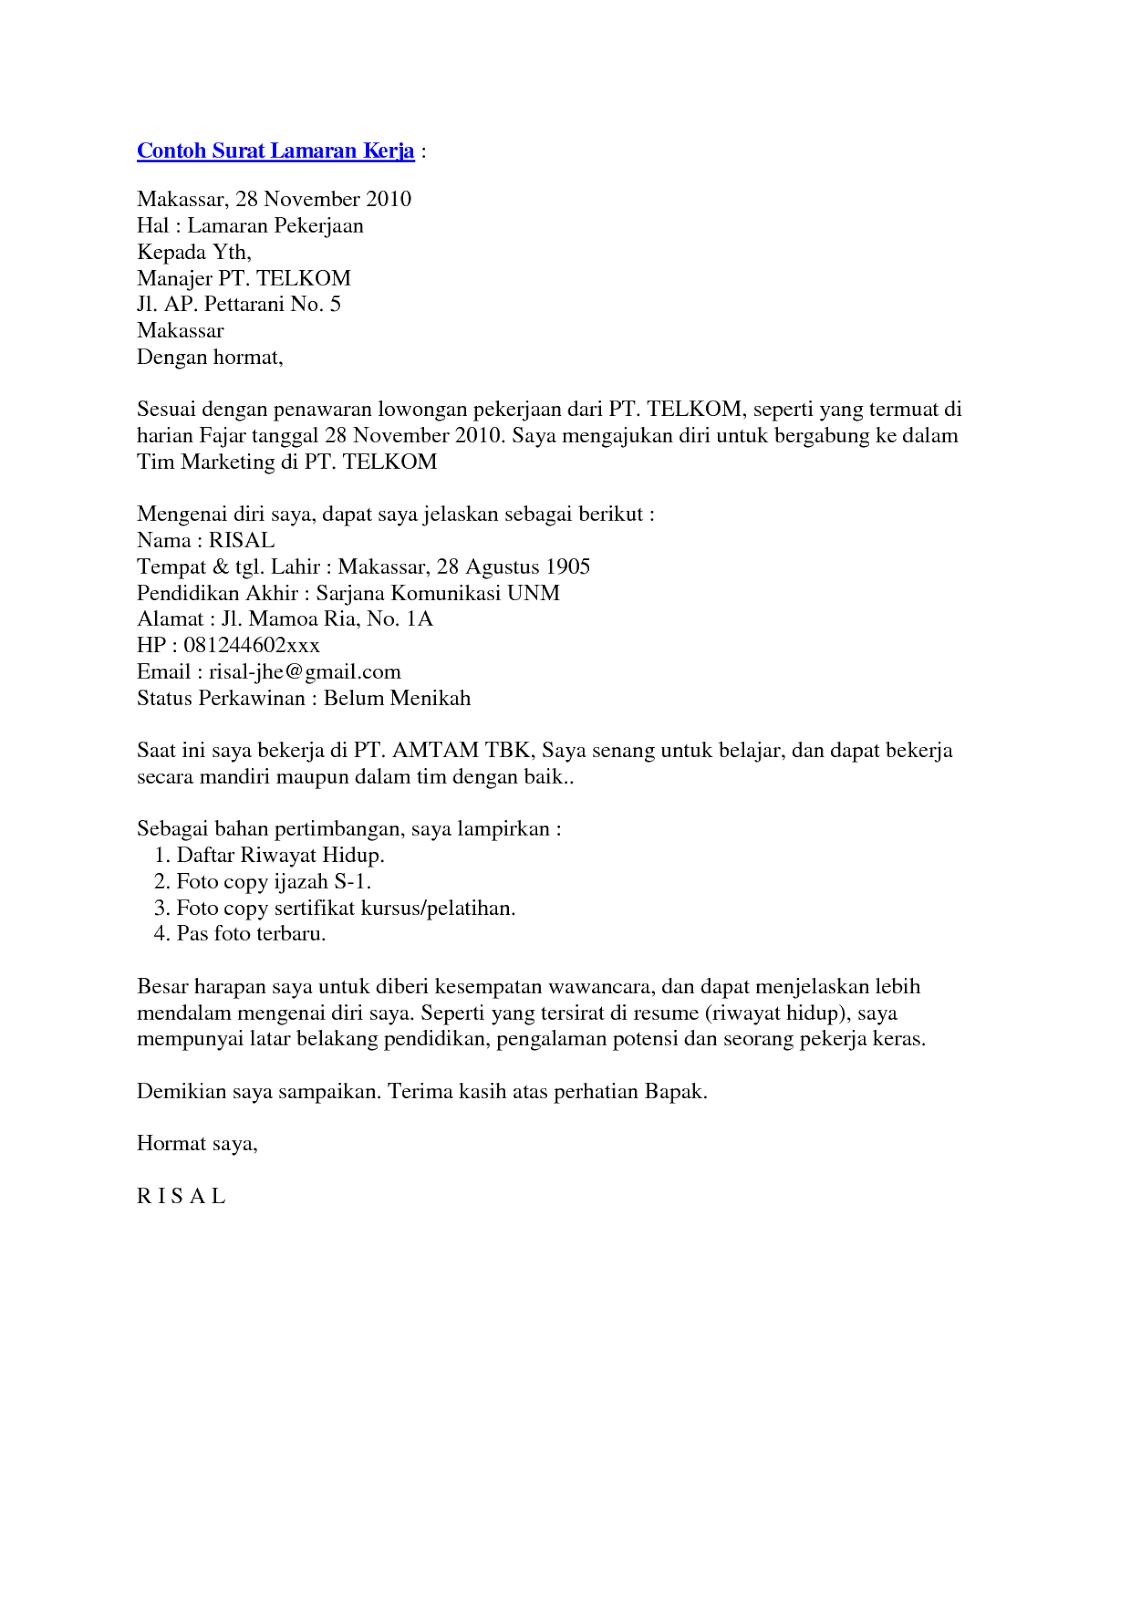 Surat Lamaran Kerja Bumn Contoh Lamaran Kerja Dan Cv Education